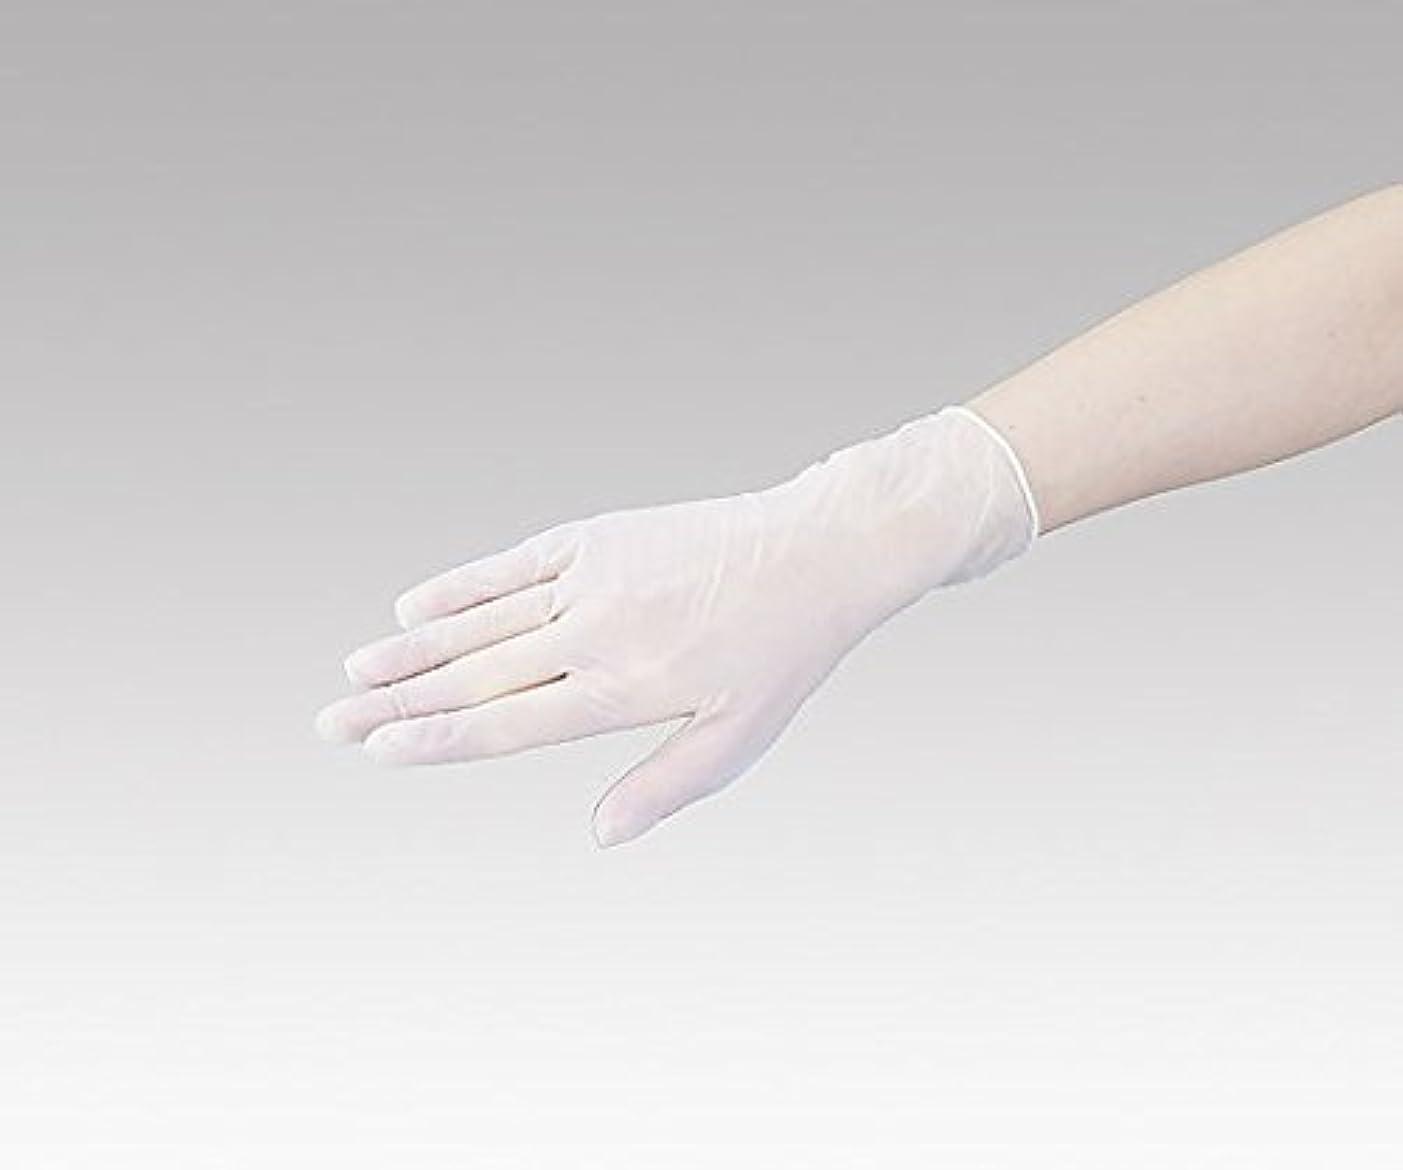 テスト冷ややかなコードナビス(アズワン)0-9867-02ナビロールプラスチック手袋M100入